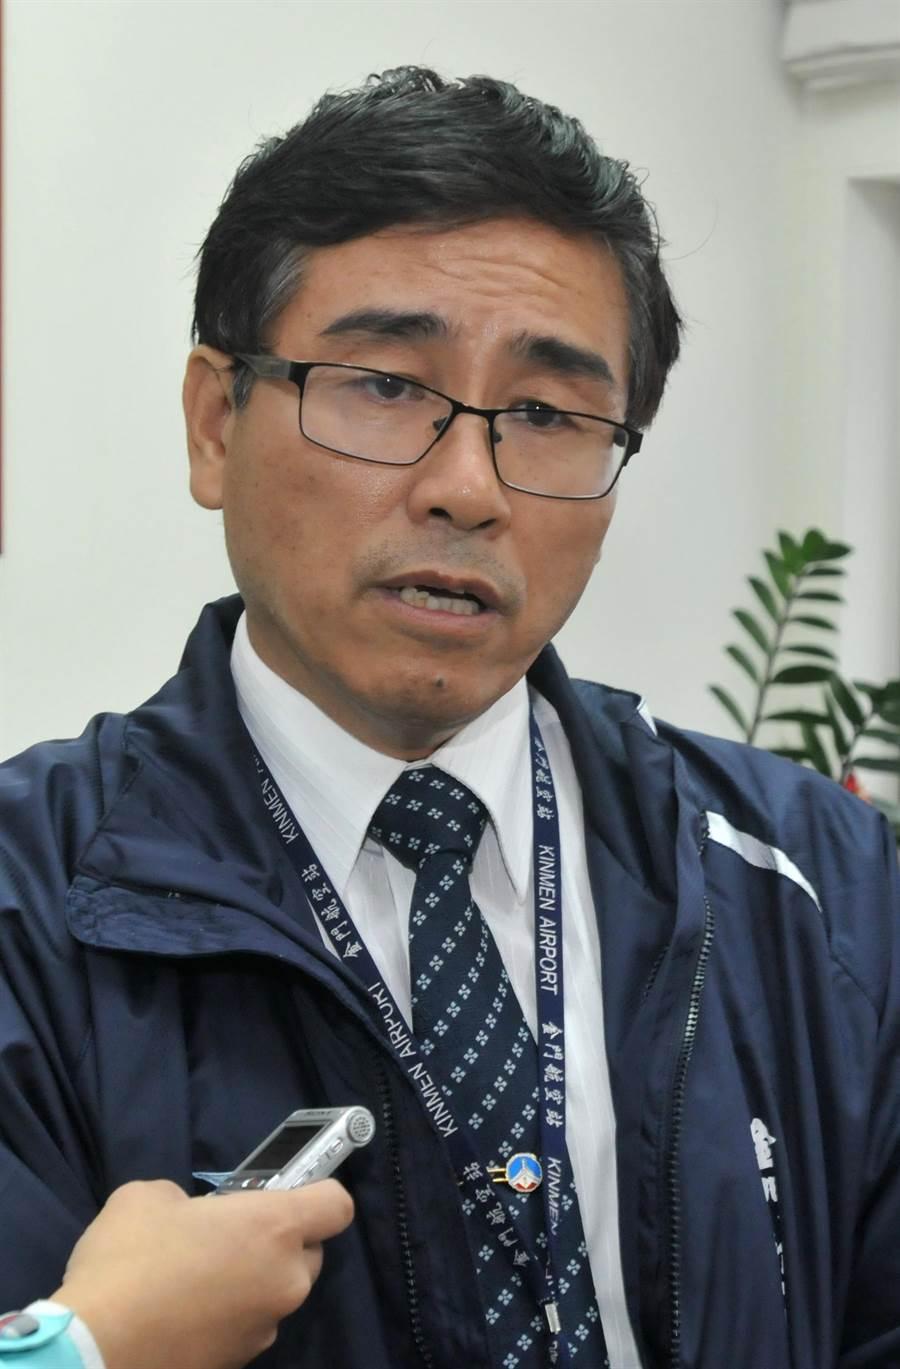 金門民航站主任洪念慈強調,已協調軍警和駐站單位協力確保飛安。(李金生攝)